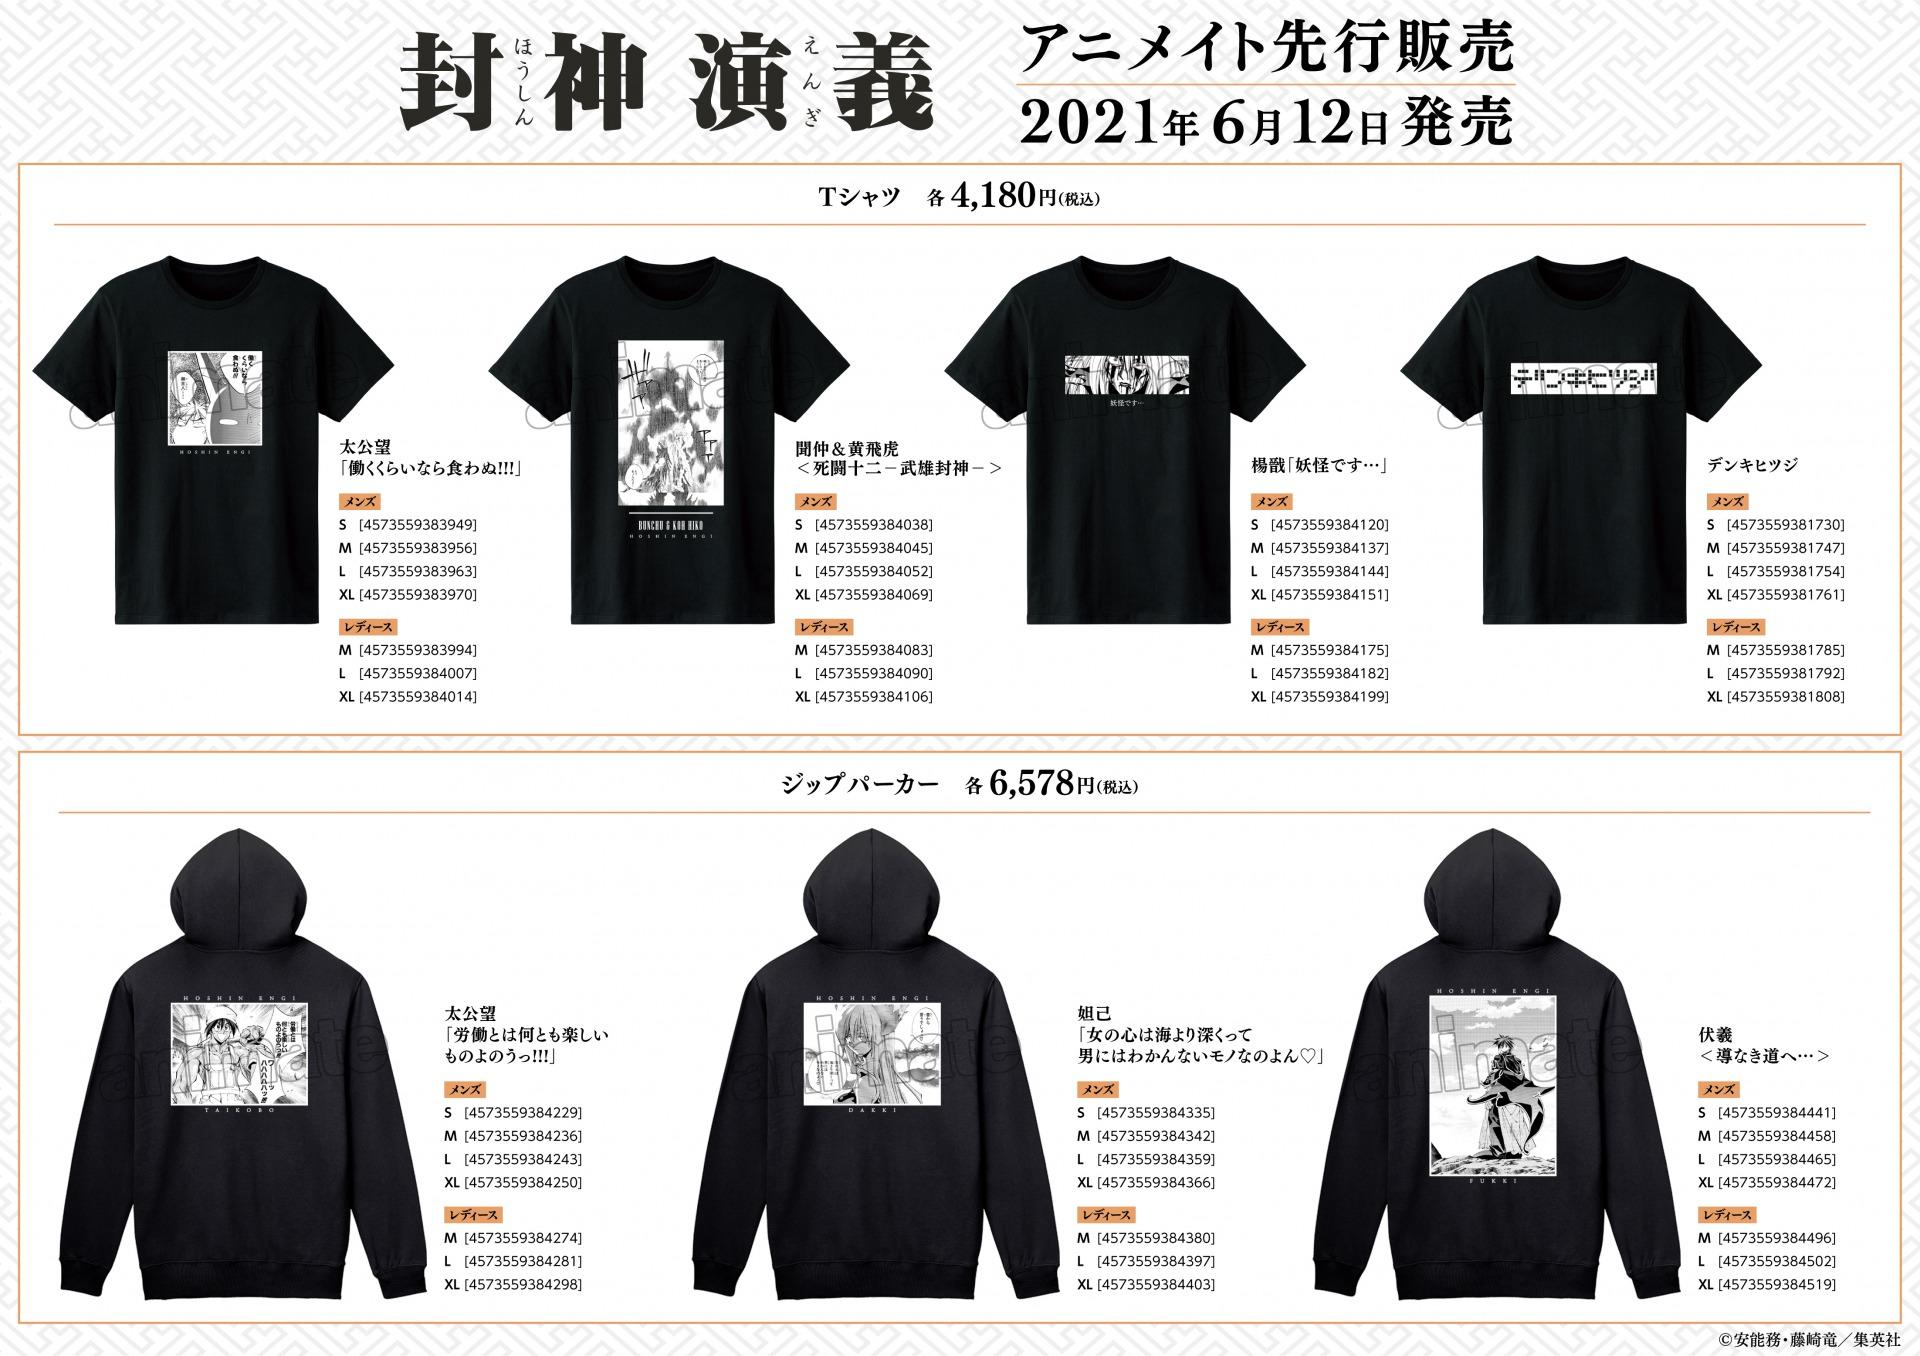 「封神演義」25周年記念 アニメイトフェア 先行販売グッズ Tシャツ・パーカー